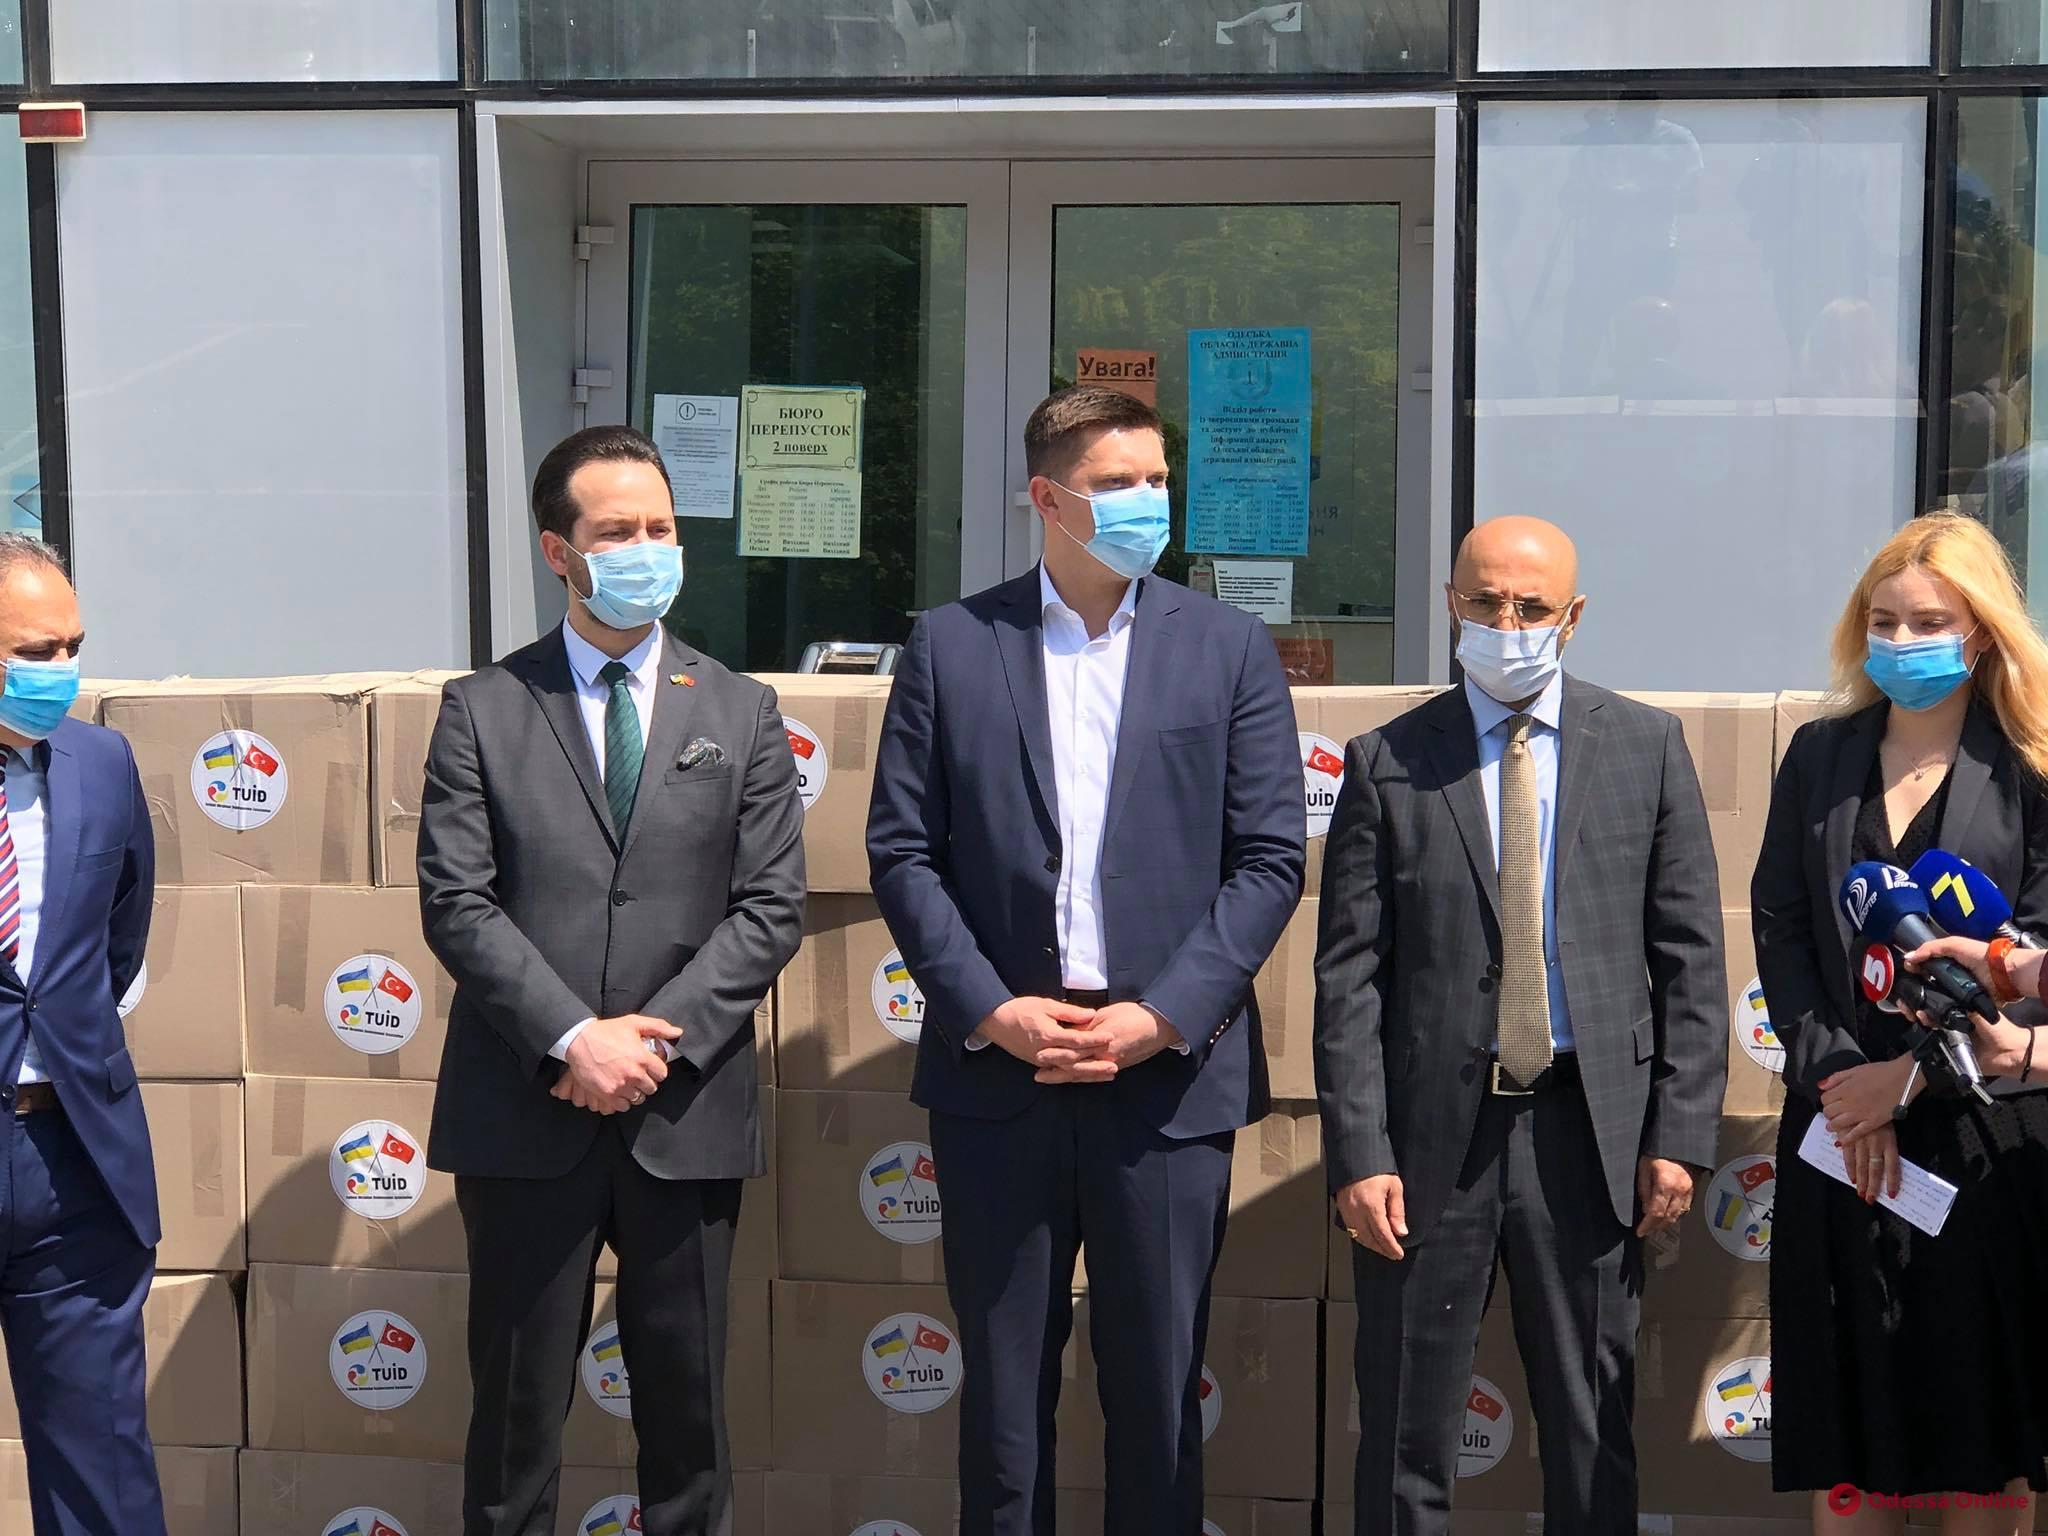 Турецкие дипломаты передали гуманитарную помощь для потерявших работу во время карантина жителей Подольска